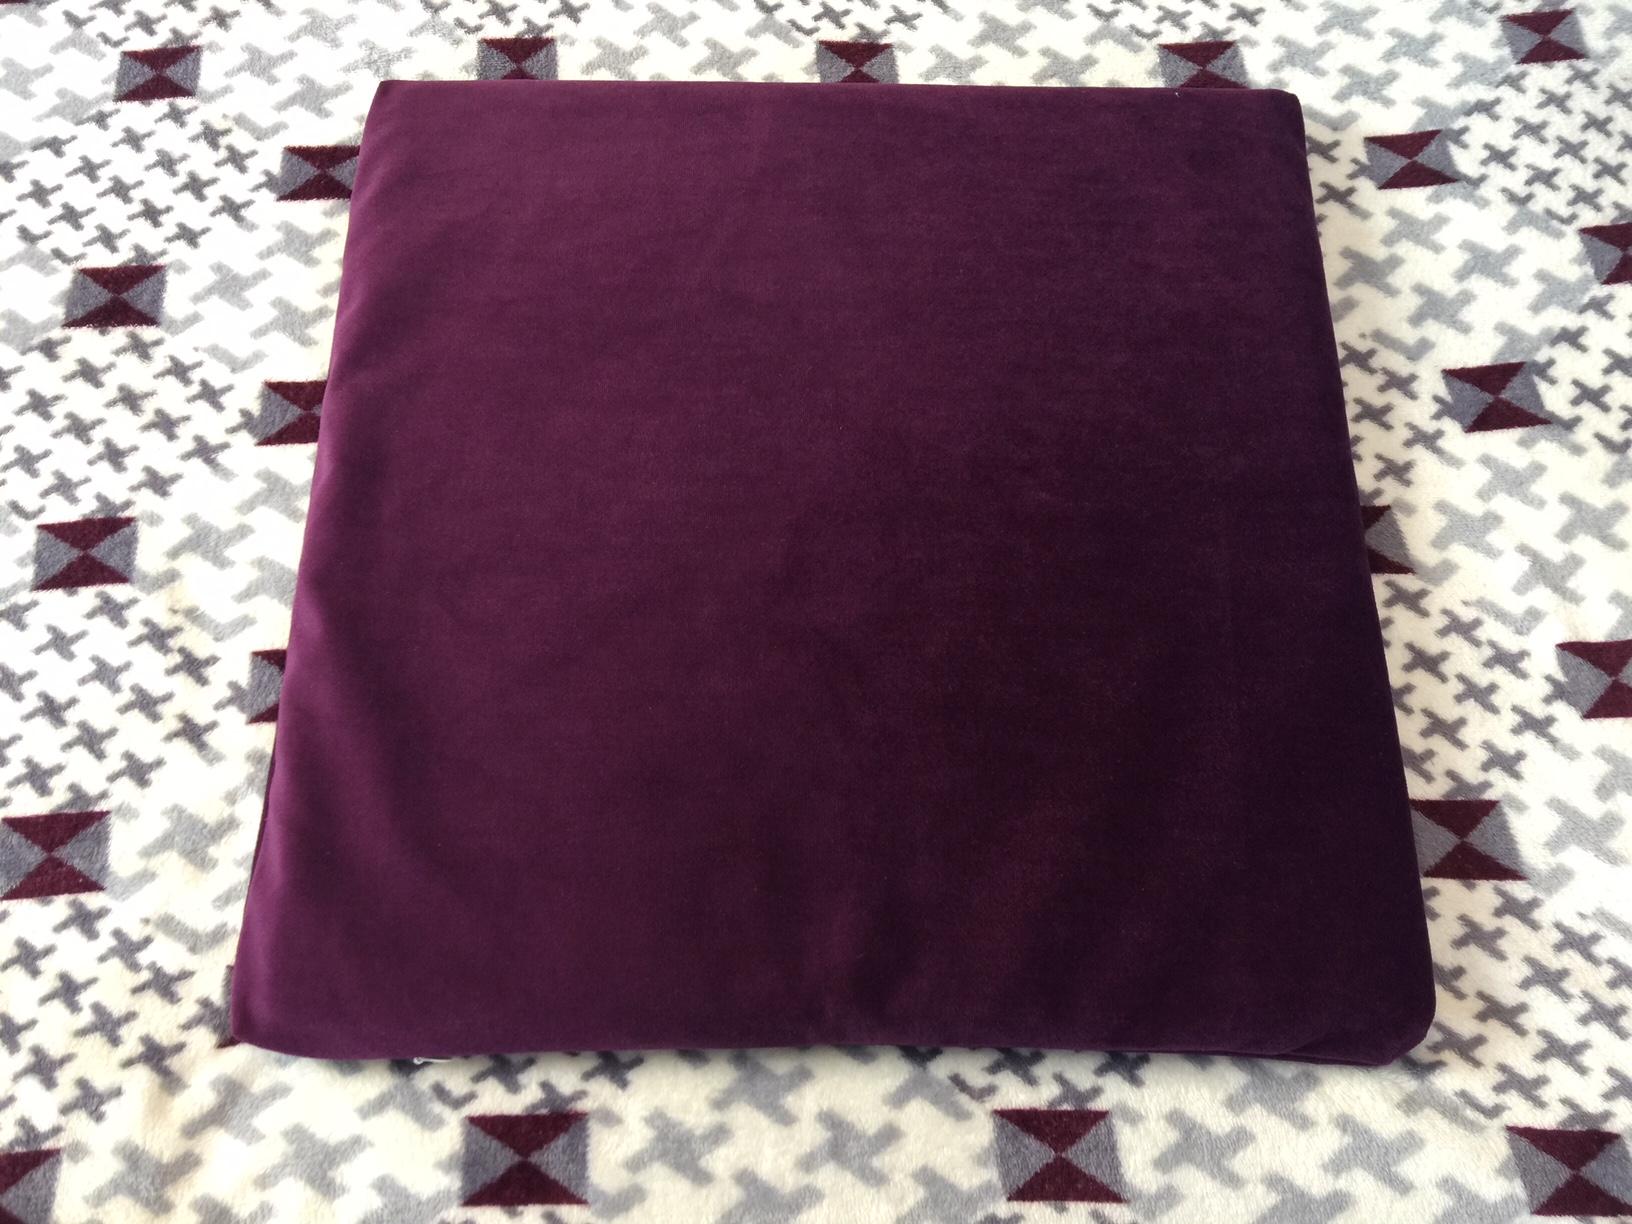 เบาะรองนั่งสี่เหลี่ยมแบบปอกผ้ากำมะหยี่หนา 2.5 cm./ 1 นิ้ว